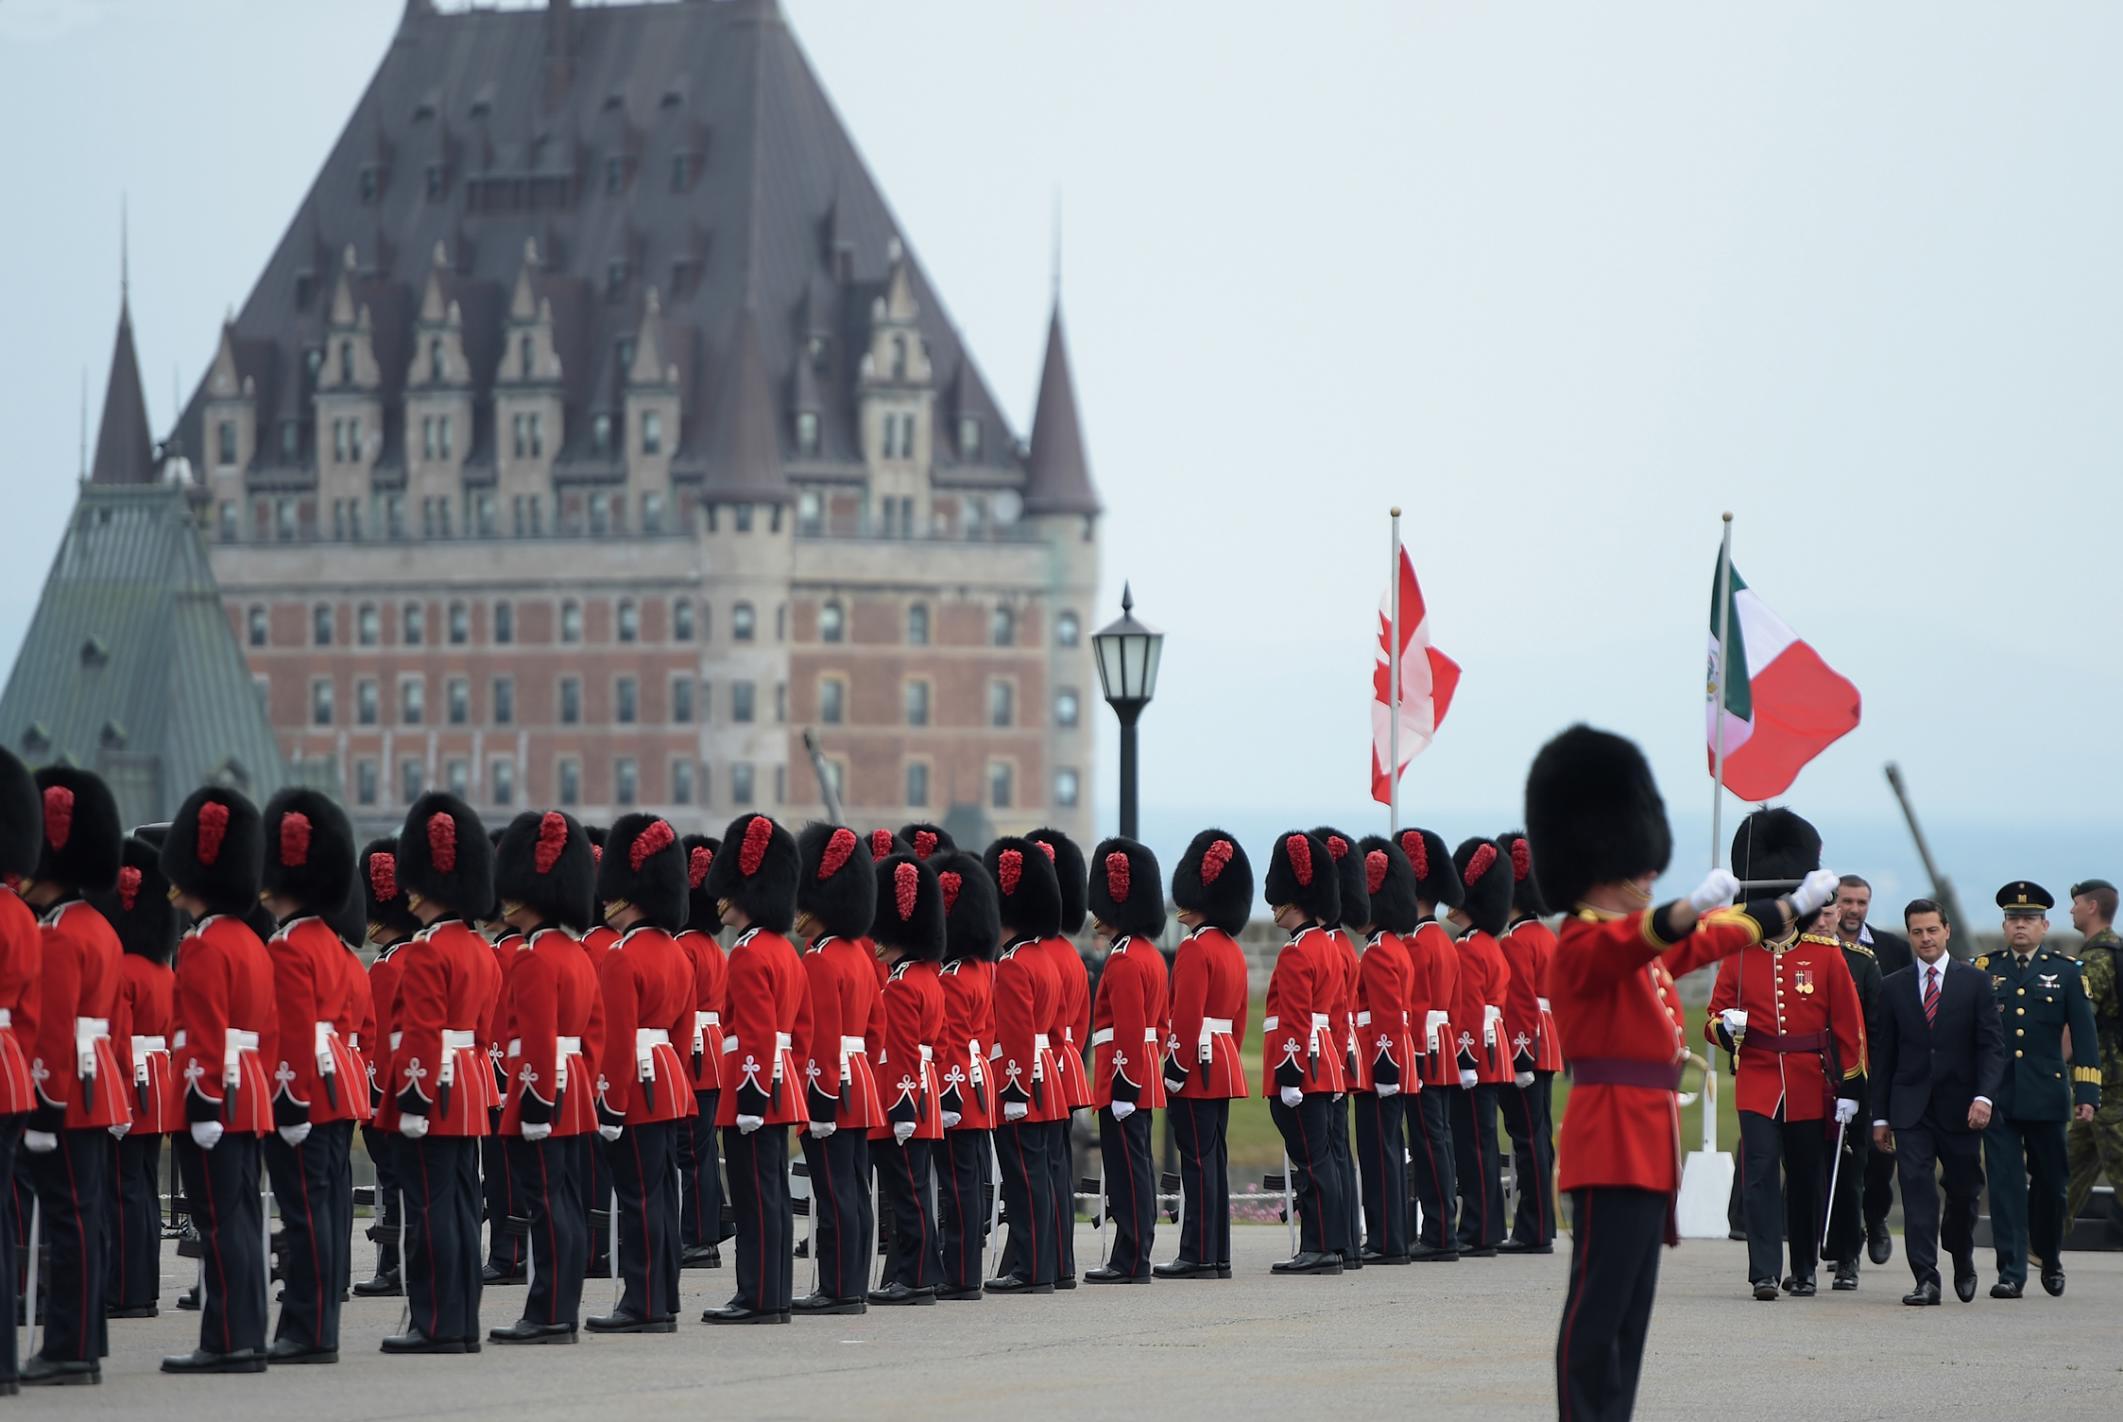 Durante la Ceremonia de Bienvenida al Presidente Enrique Peña Nieto, en Canadá, se detonaron 21 cañonazos y se escucharon los himnos de México y Canadá.